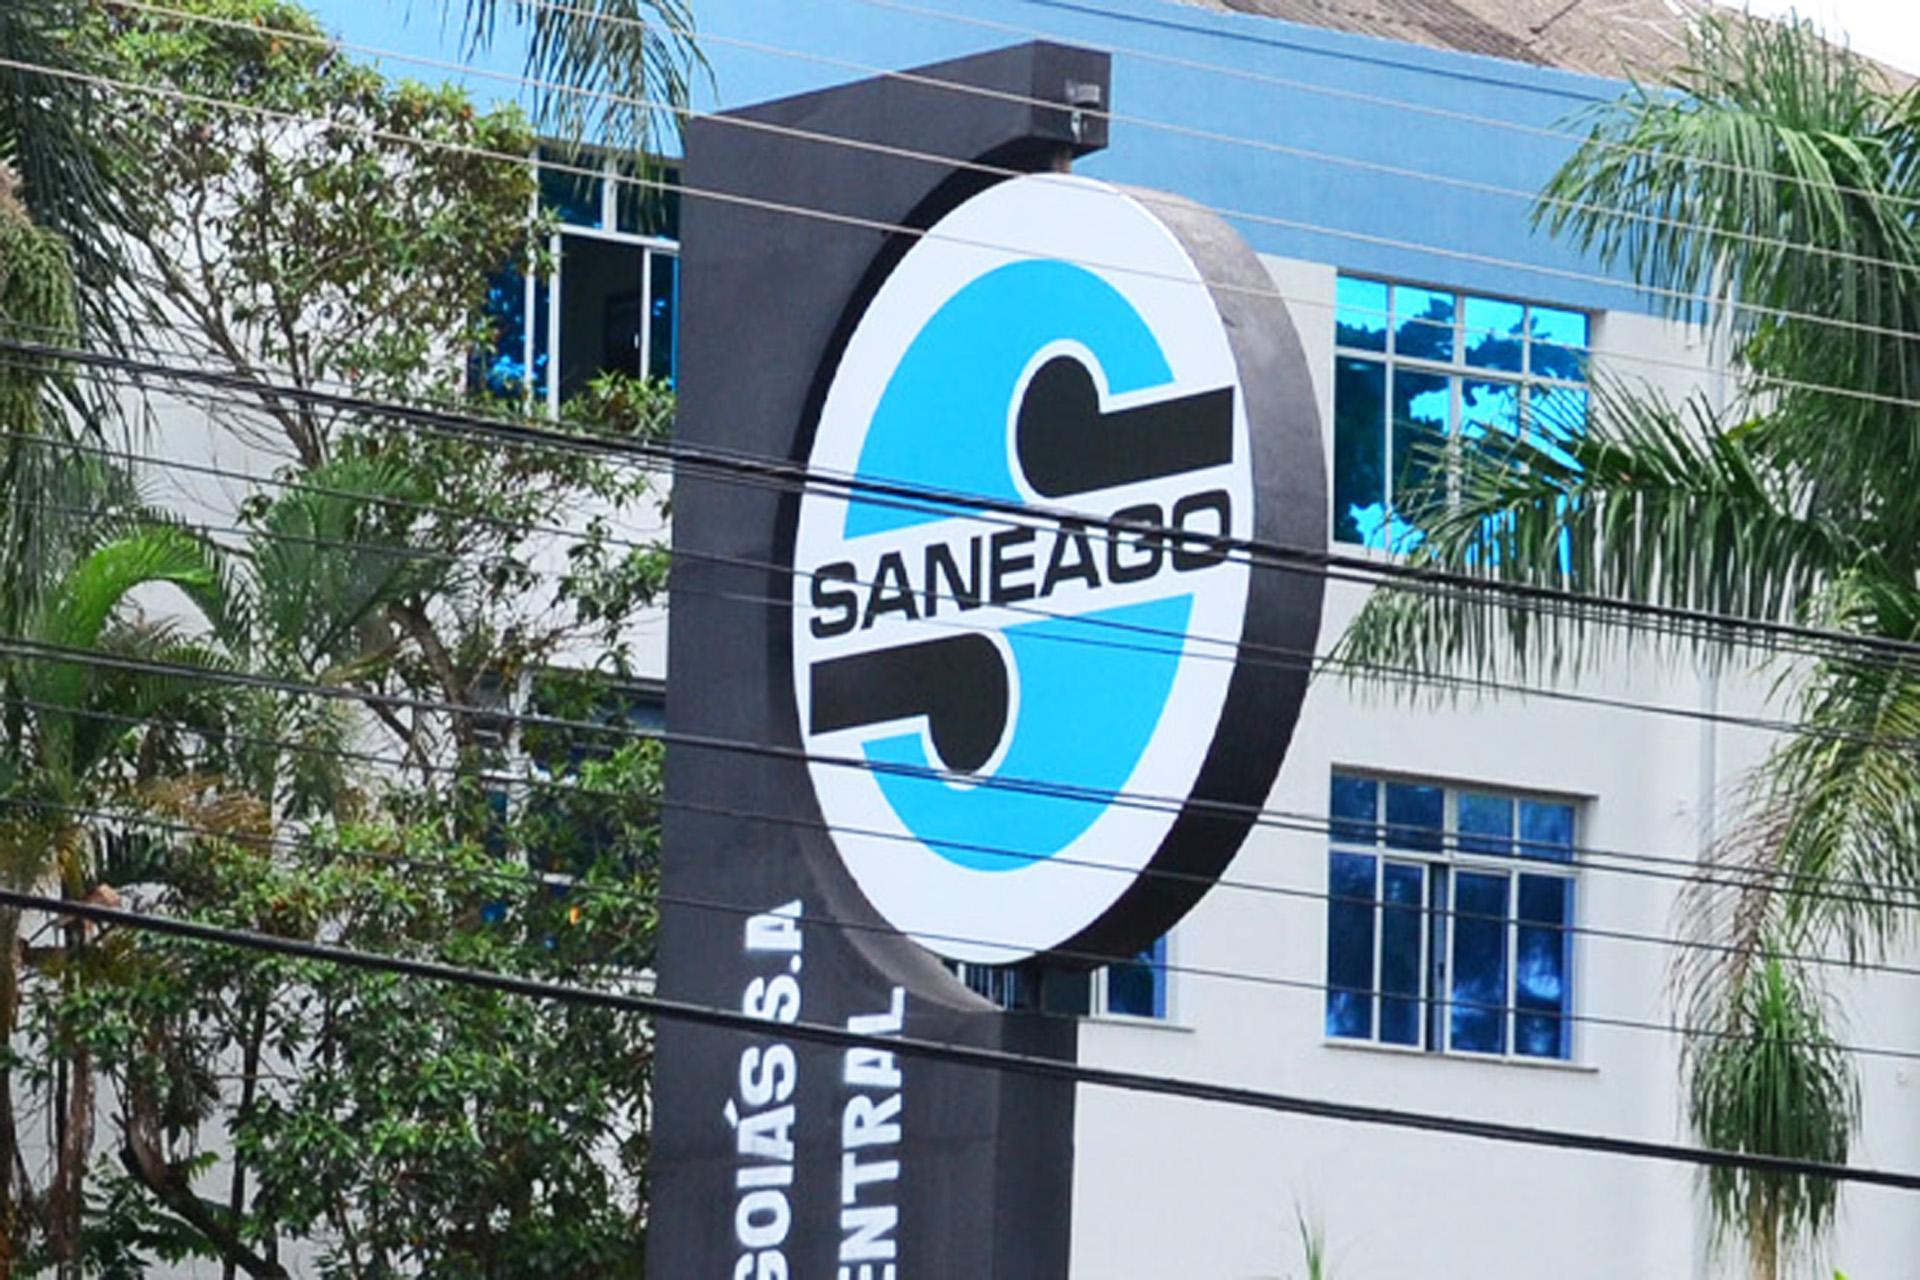 Conselho Administrativo da Saneago empossa os novos diretores da empresa